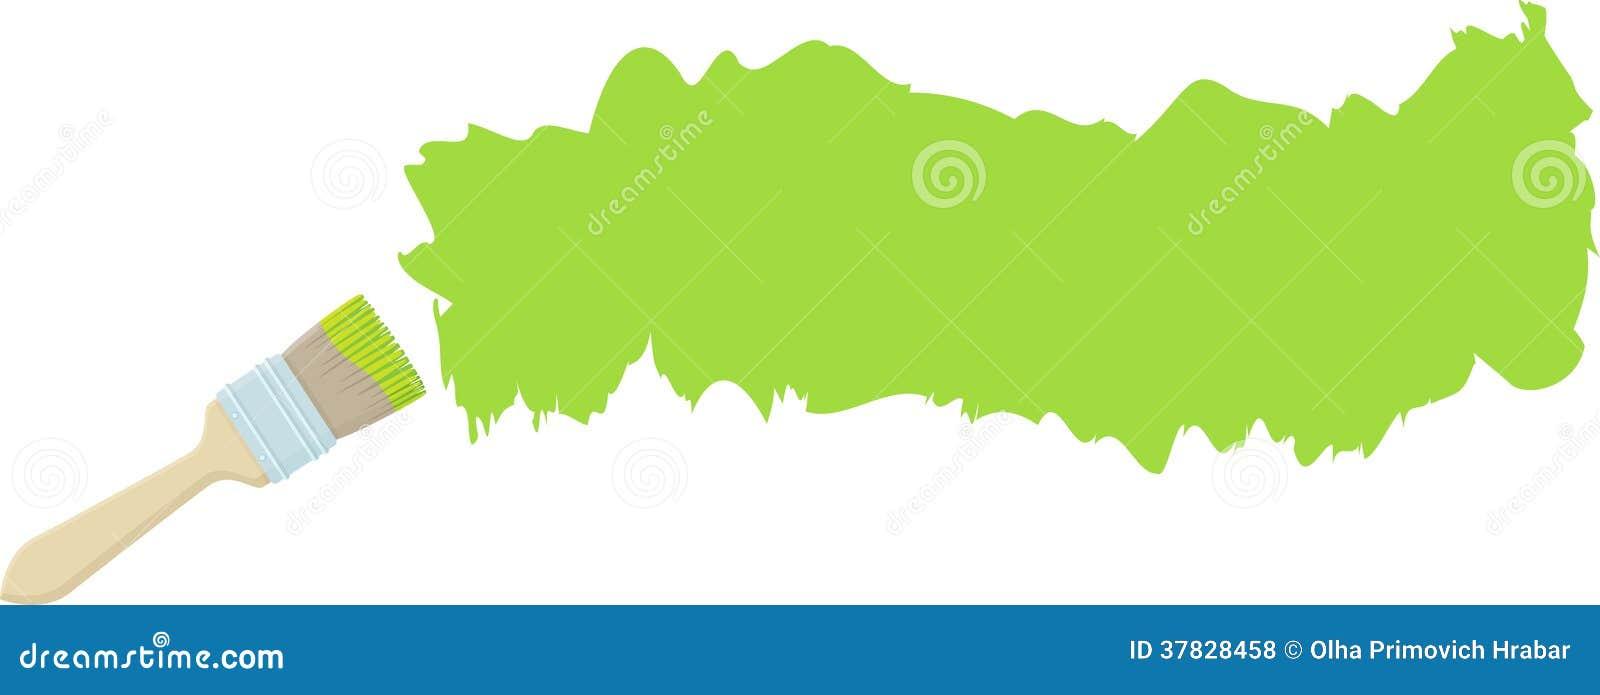 Bürste und Anschlag mit grüner Farbe